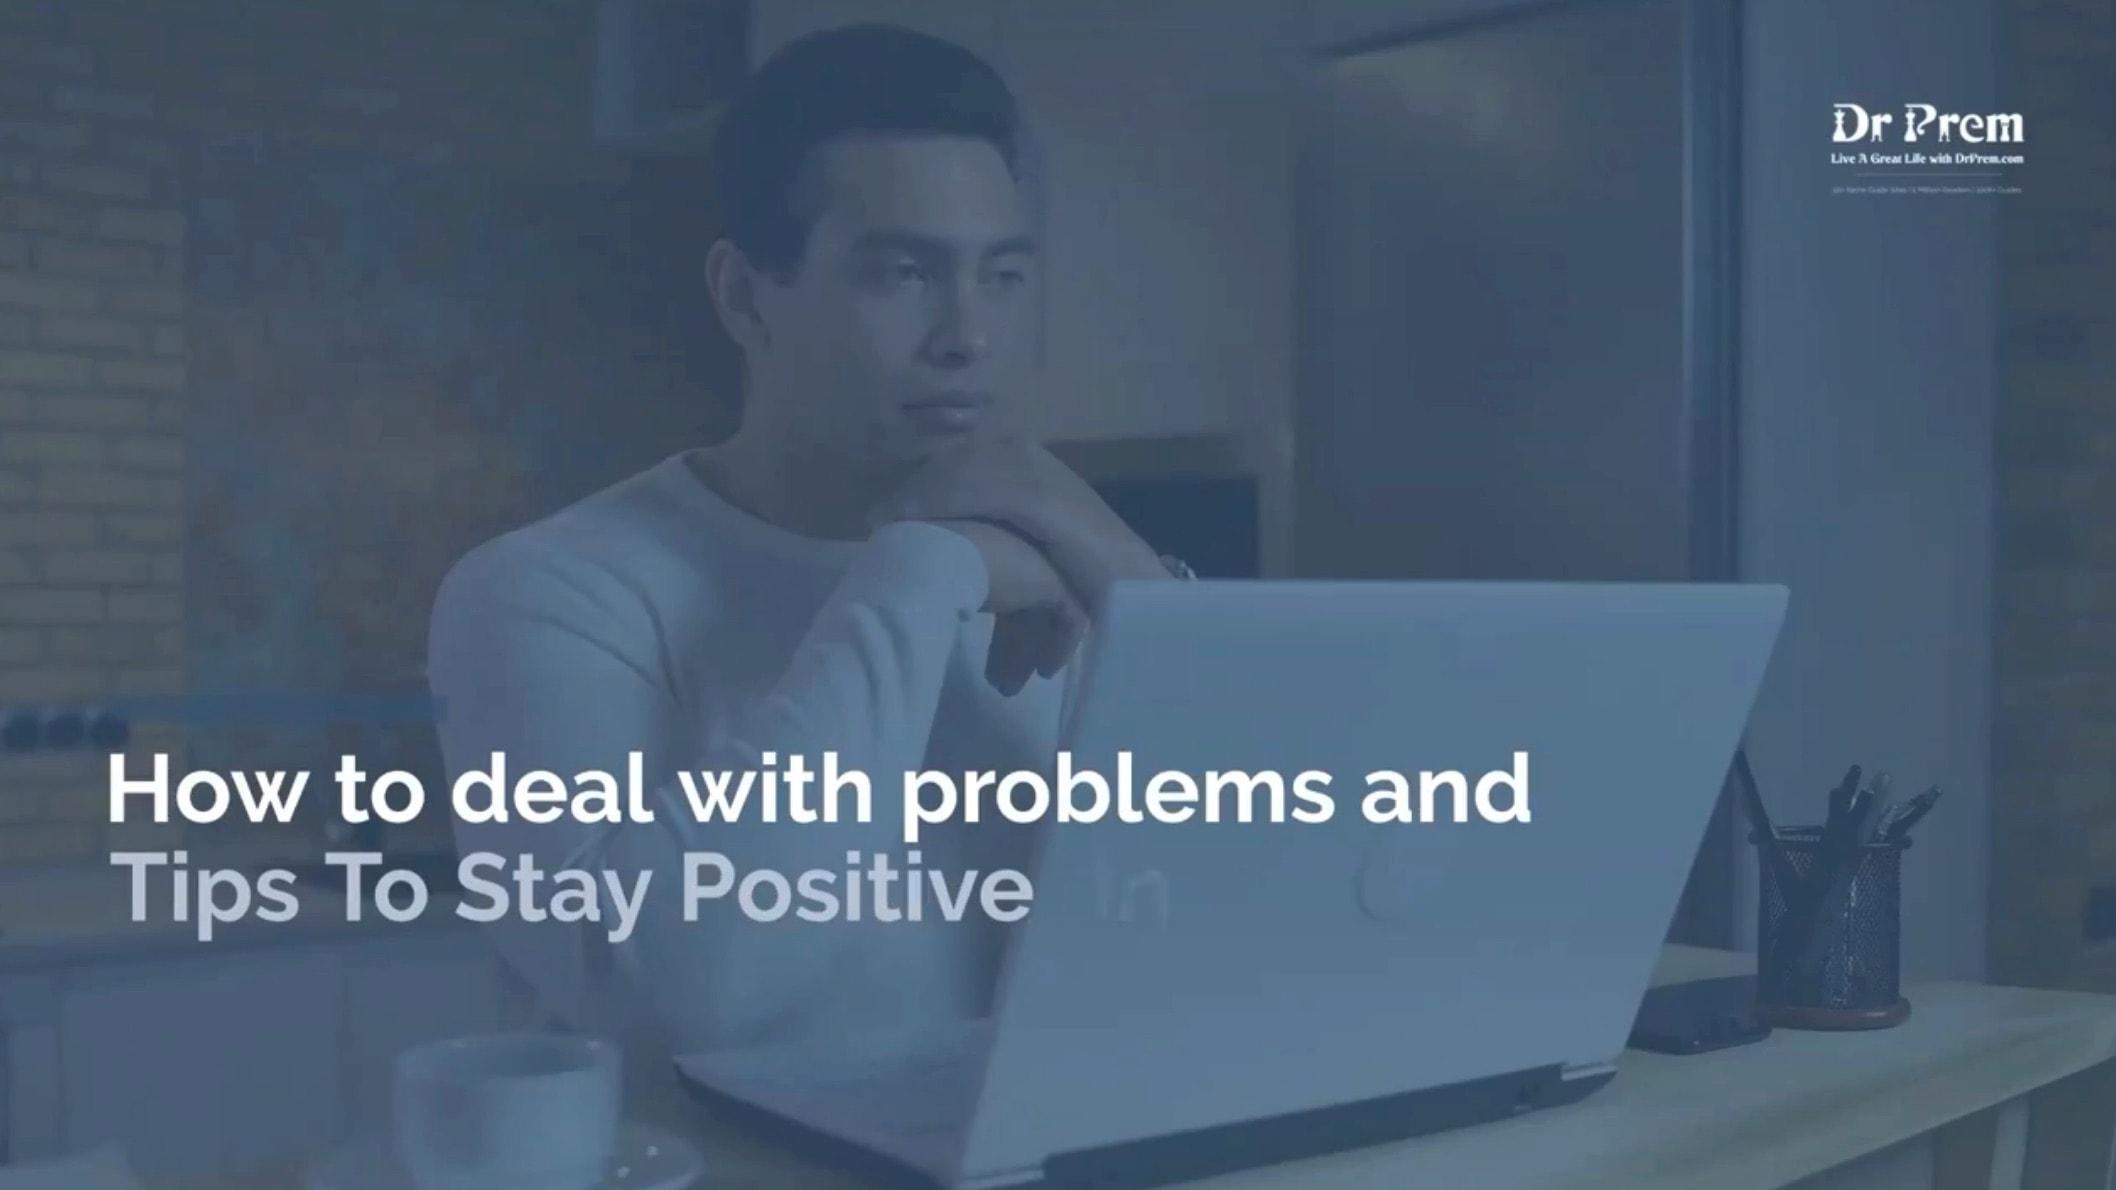 Stay Positive Tips by Dr Prem Jagyasi